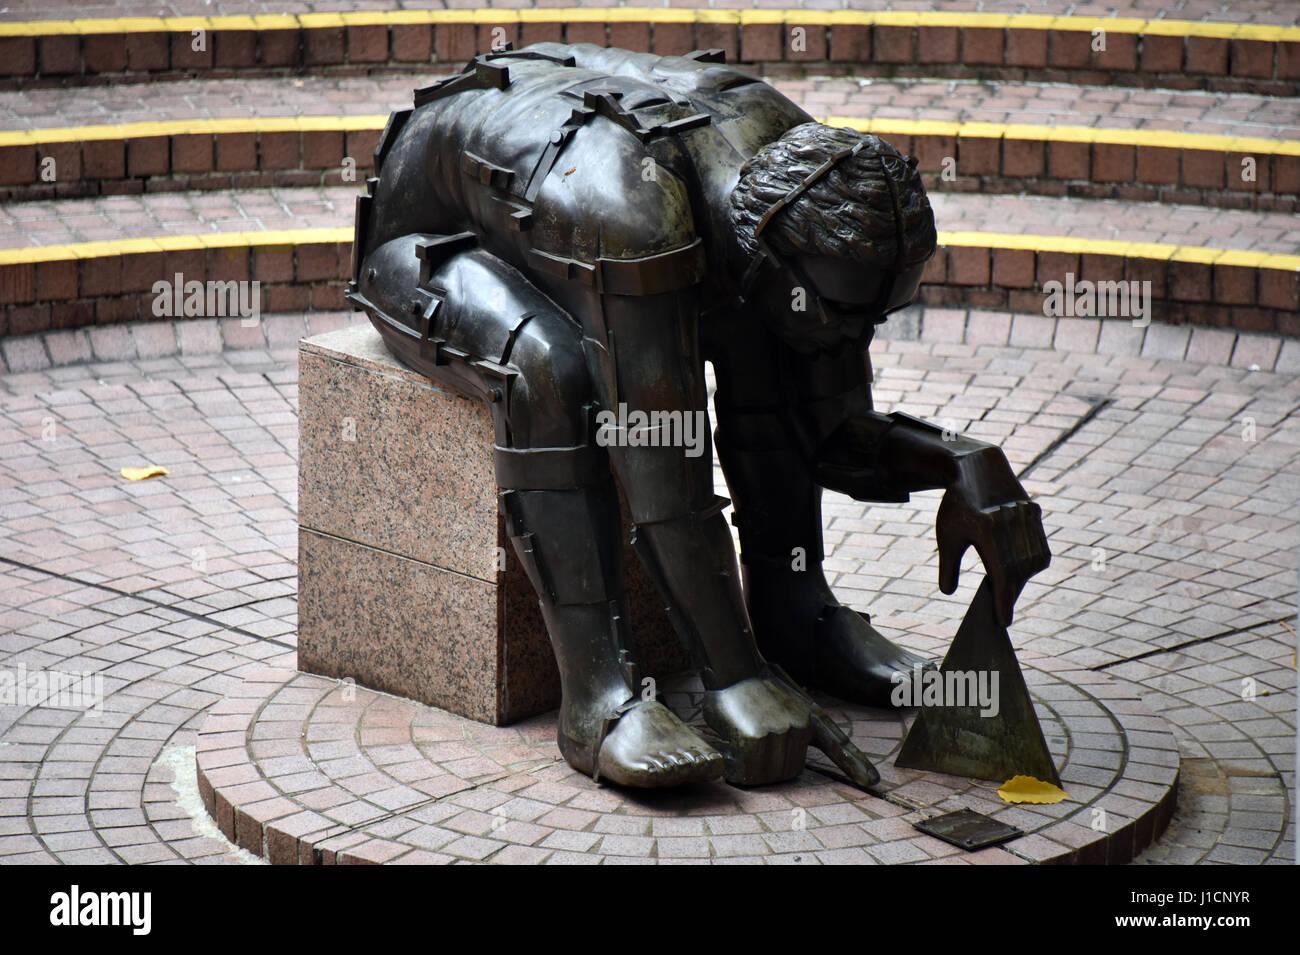 Statues at Kowloon Park, Hong Kong - Stock Image